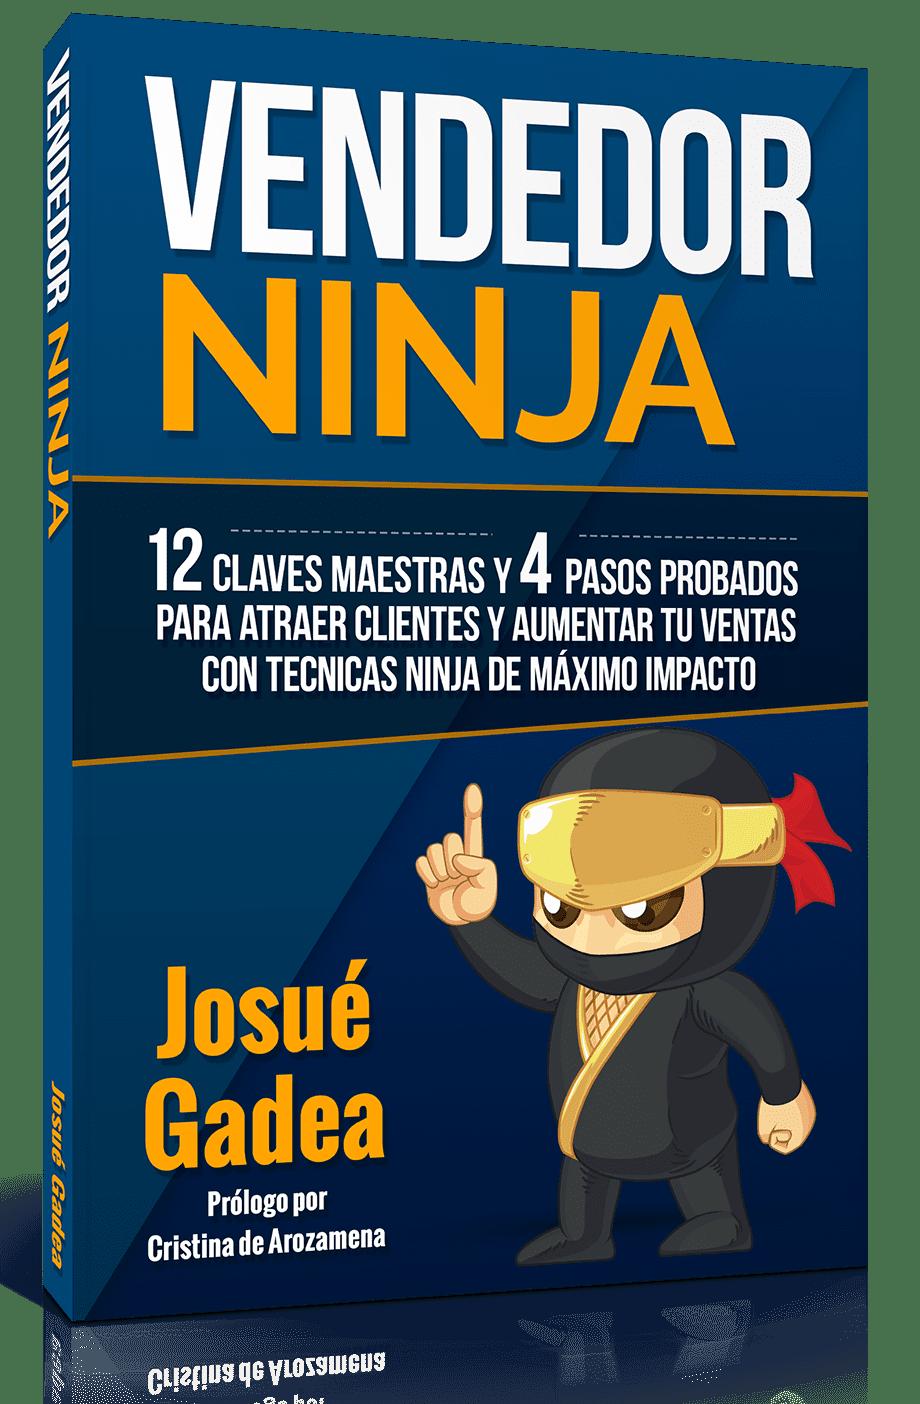 Vendedor Ninja, 12 claves maestras y 4 pasos probados para atraer clientes y aumentar tus #ventas